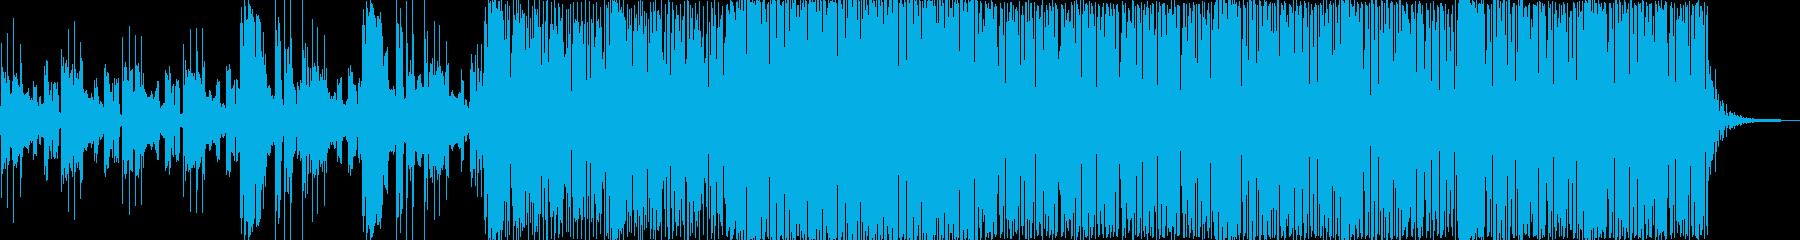 宇宙系近未来プラネタリウムエレクトロニカの再生済みの波形